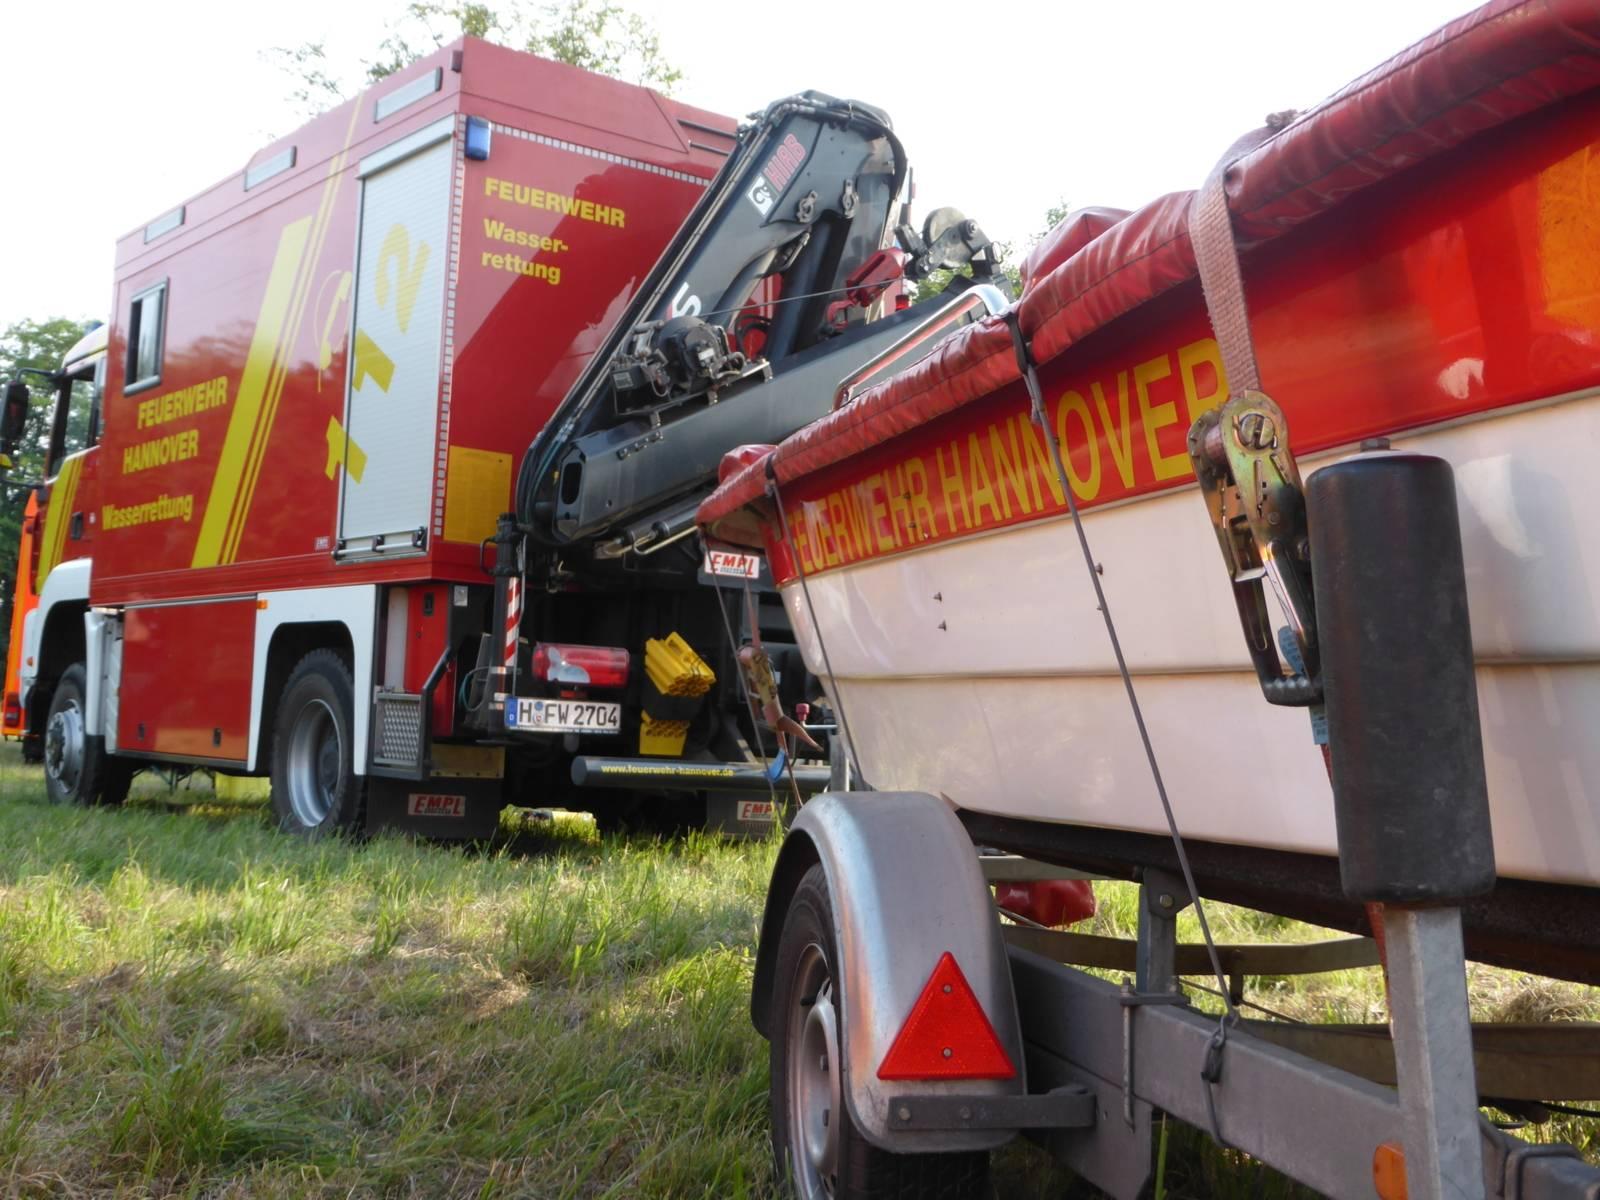 Symbolfoto Wasserrettungseinatz, Gerätewagen Wasserrettung mit Boostanhänger